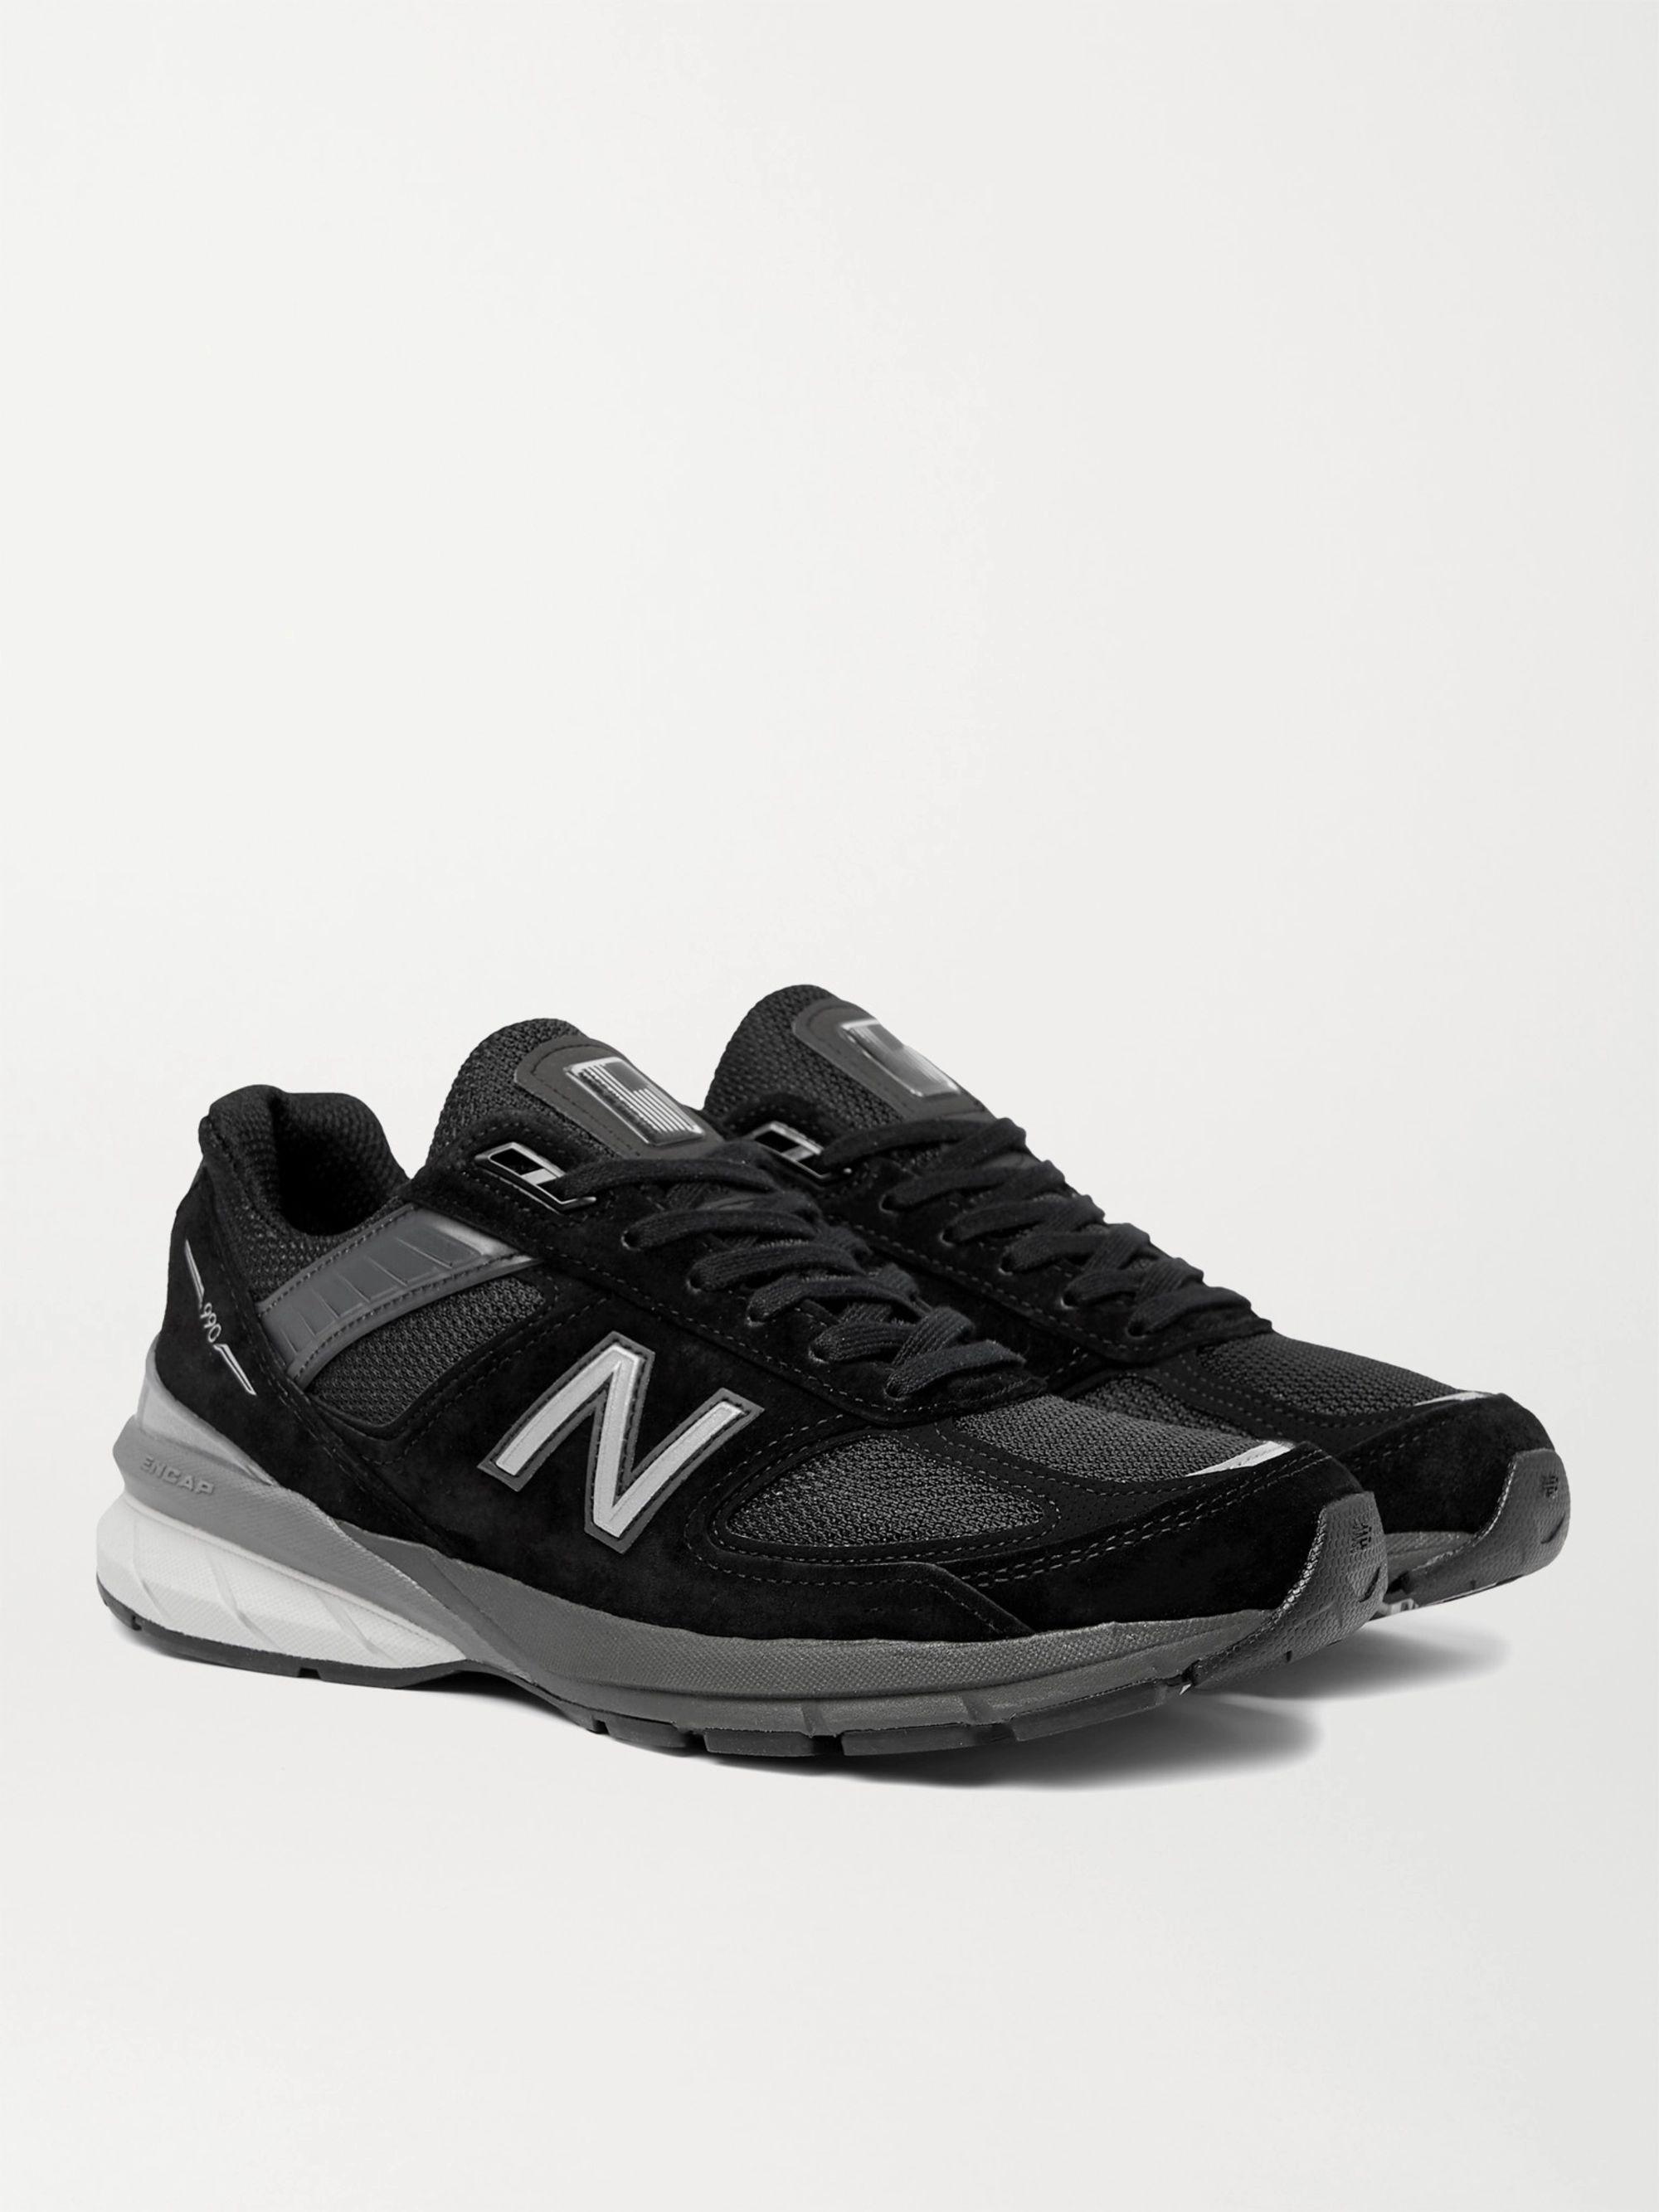 뉴발란스 New Balance M990v5 Suede and Mesh Sneakers,Black